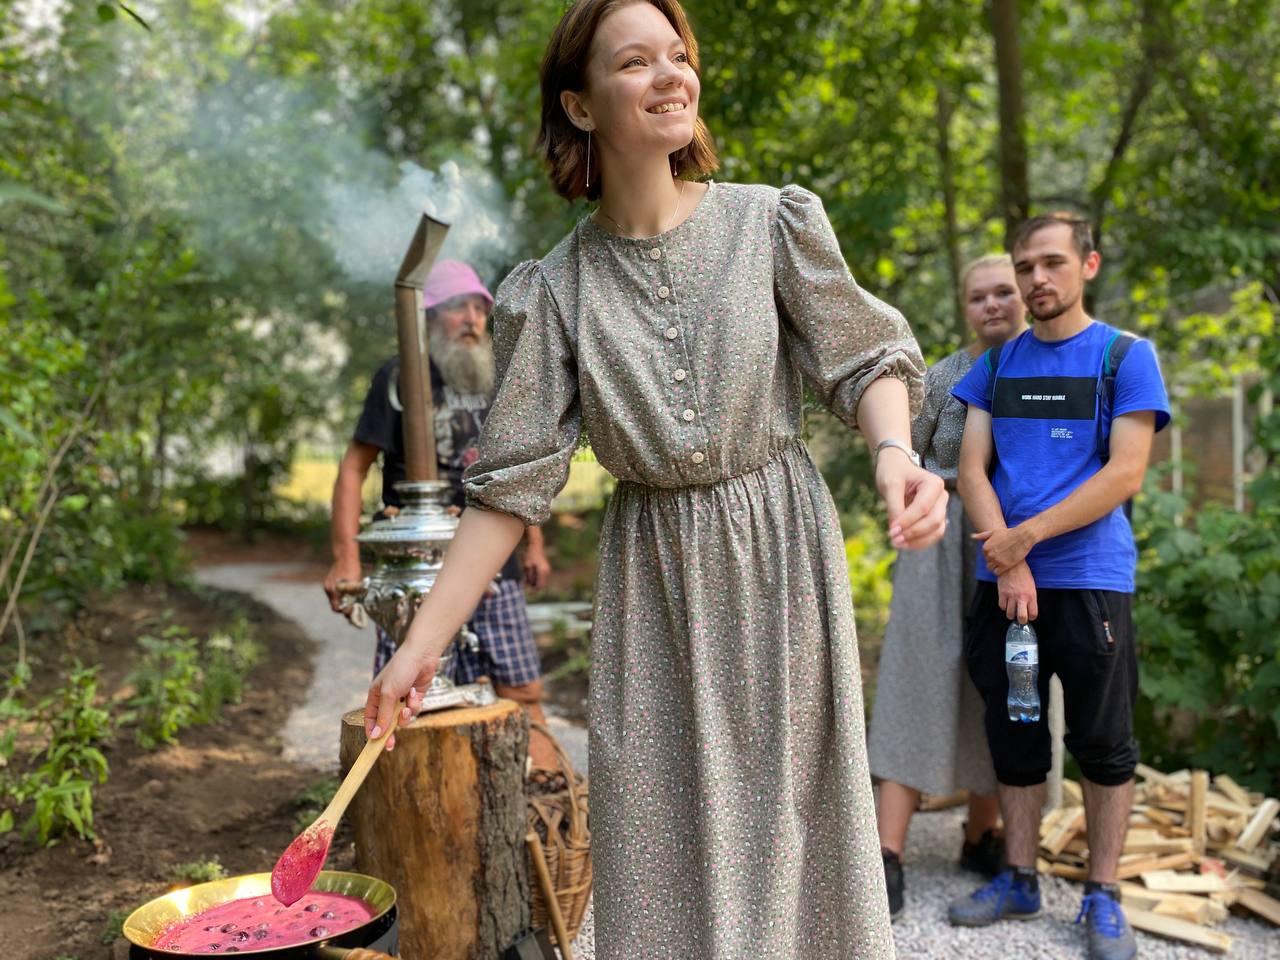 «Фестиваль в усадебном саду» пройдет в Нижнем Новгороде 23 и 24 июля